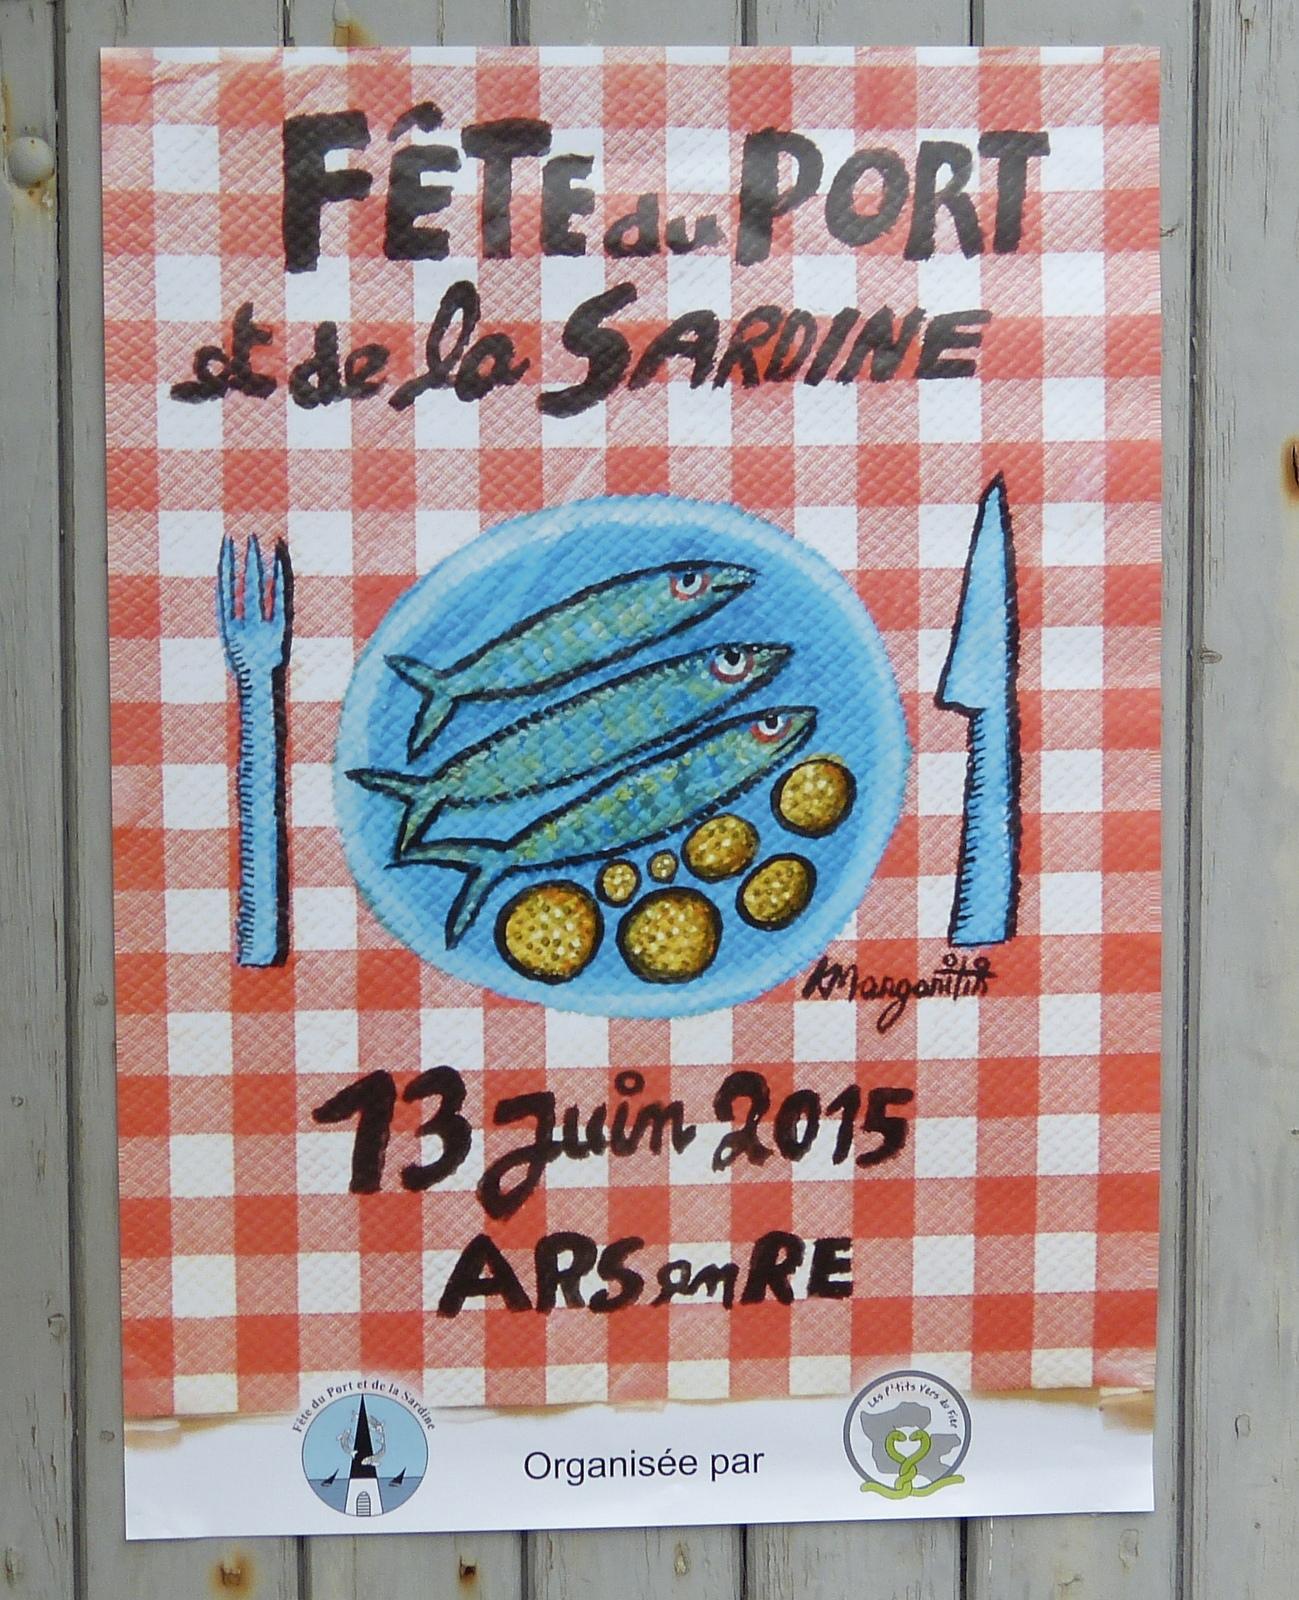 Fête de la sardine 2015 - Visuel Katherine Margaritis